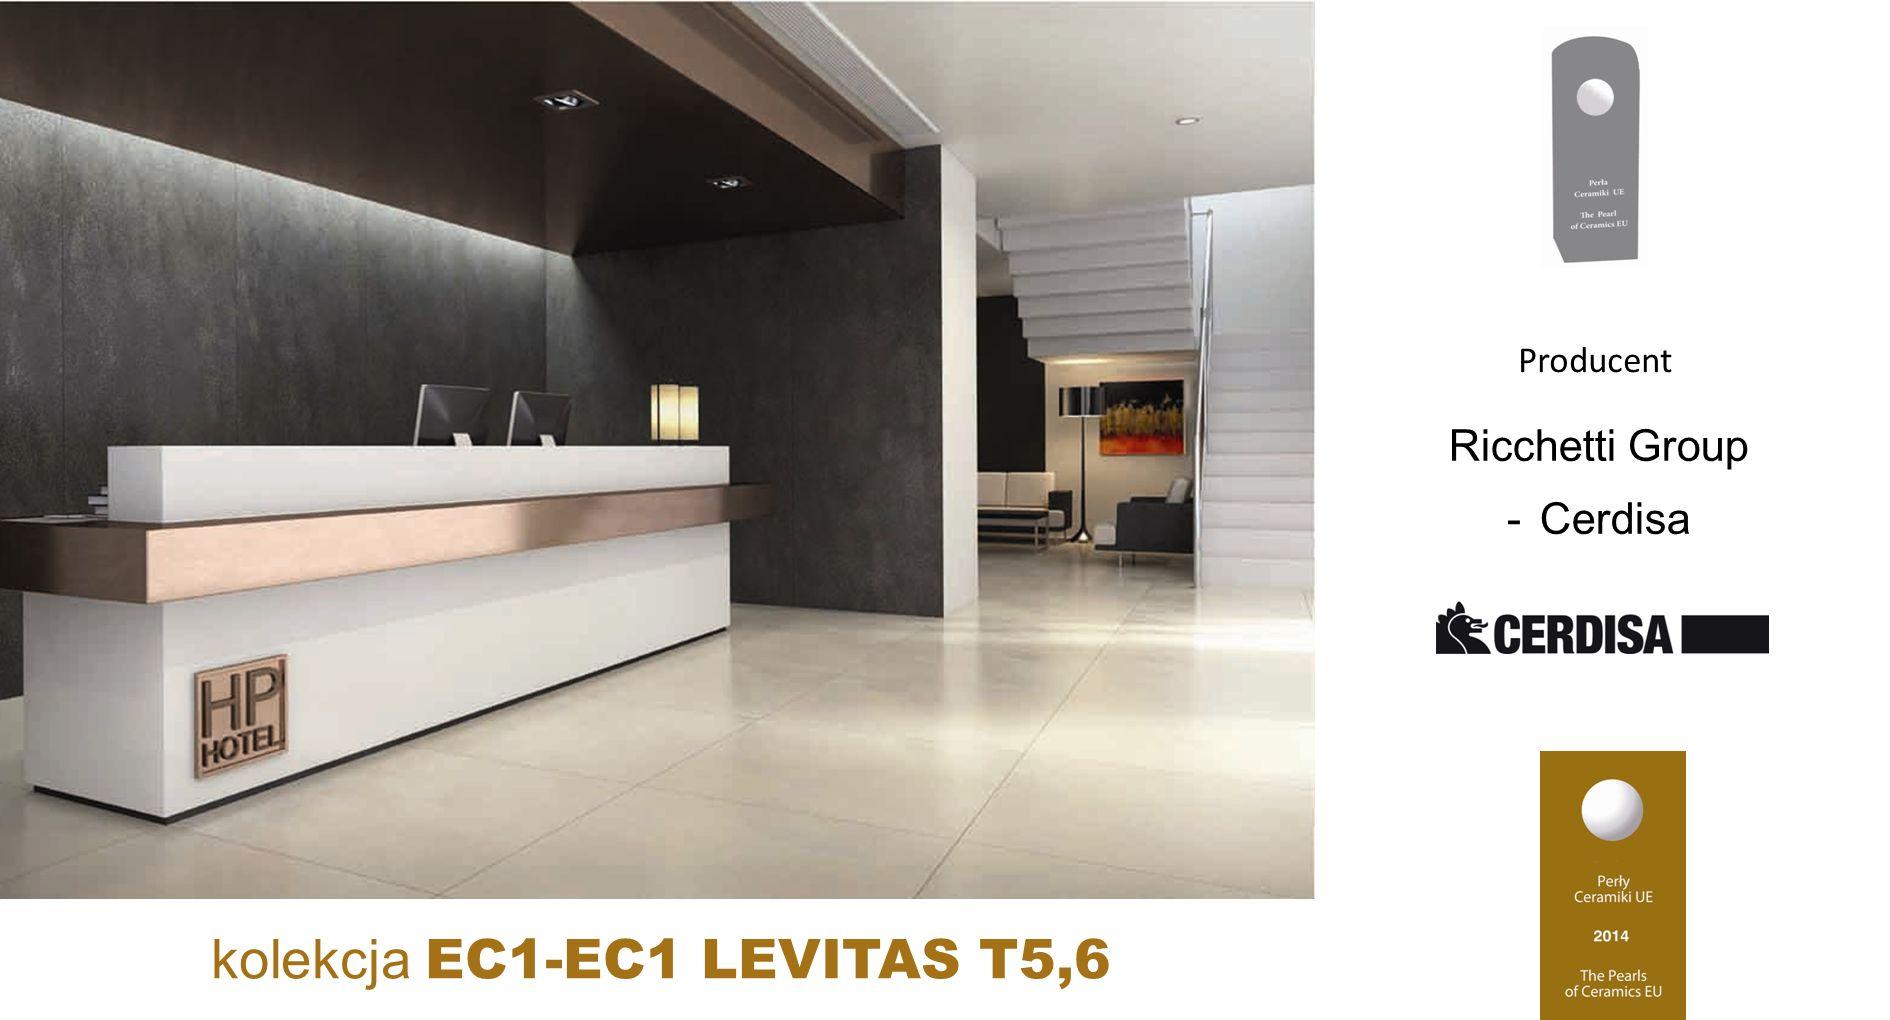 kolekcja EC1-EC1 LEVITAS T5,6 Producent Ricchetti Group - Cerdisa